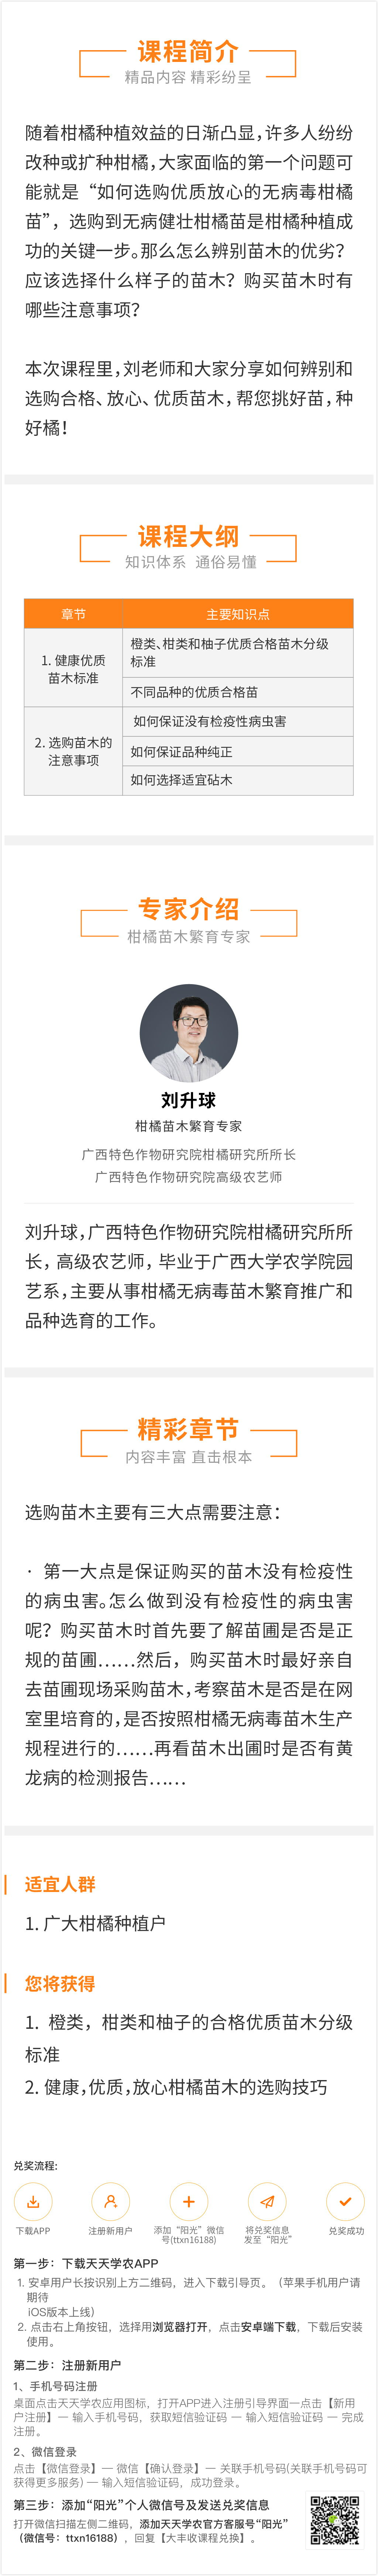 柑橘无病毒苗木选购标准和注意事项课程_看图王.jpg